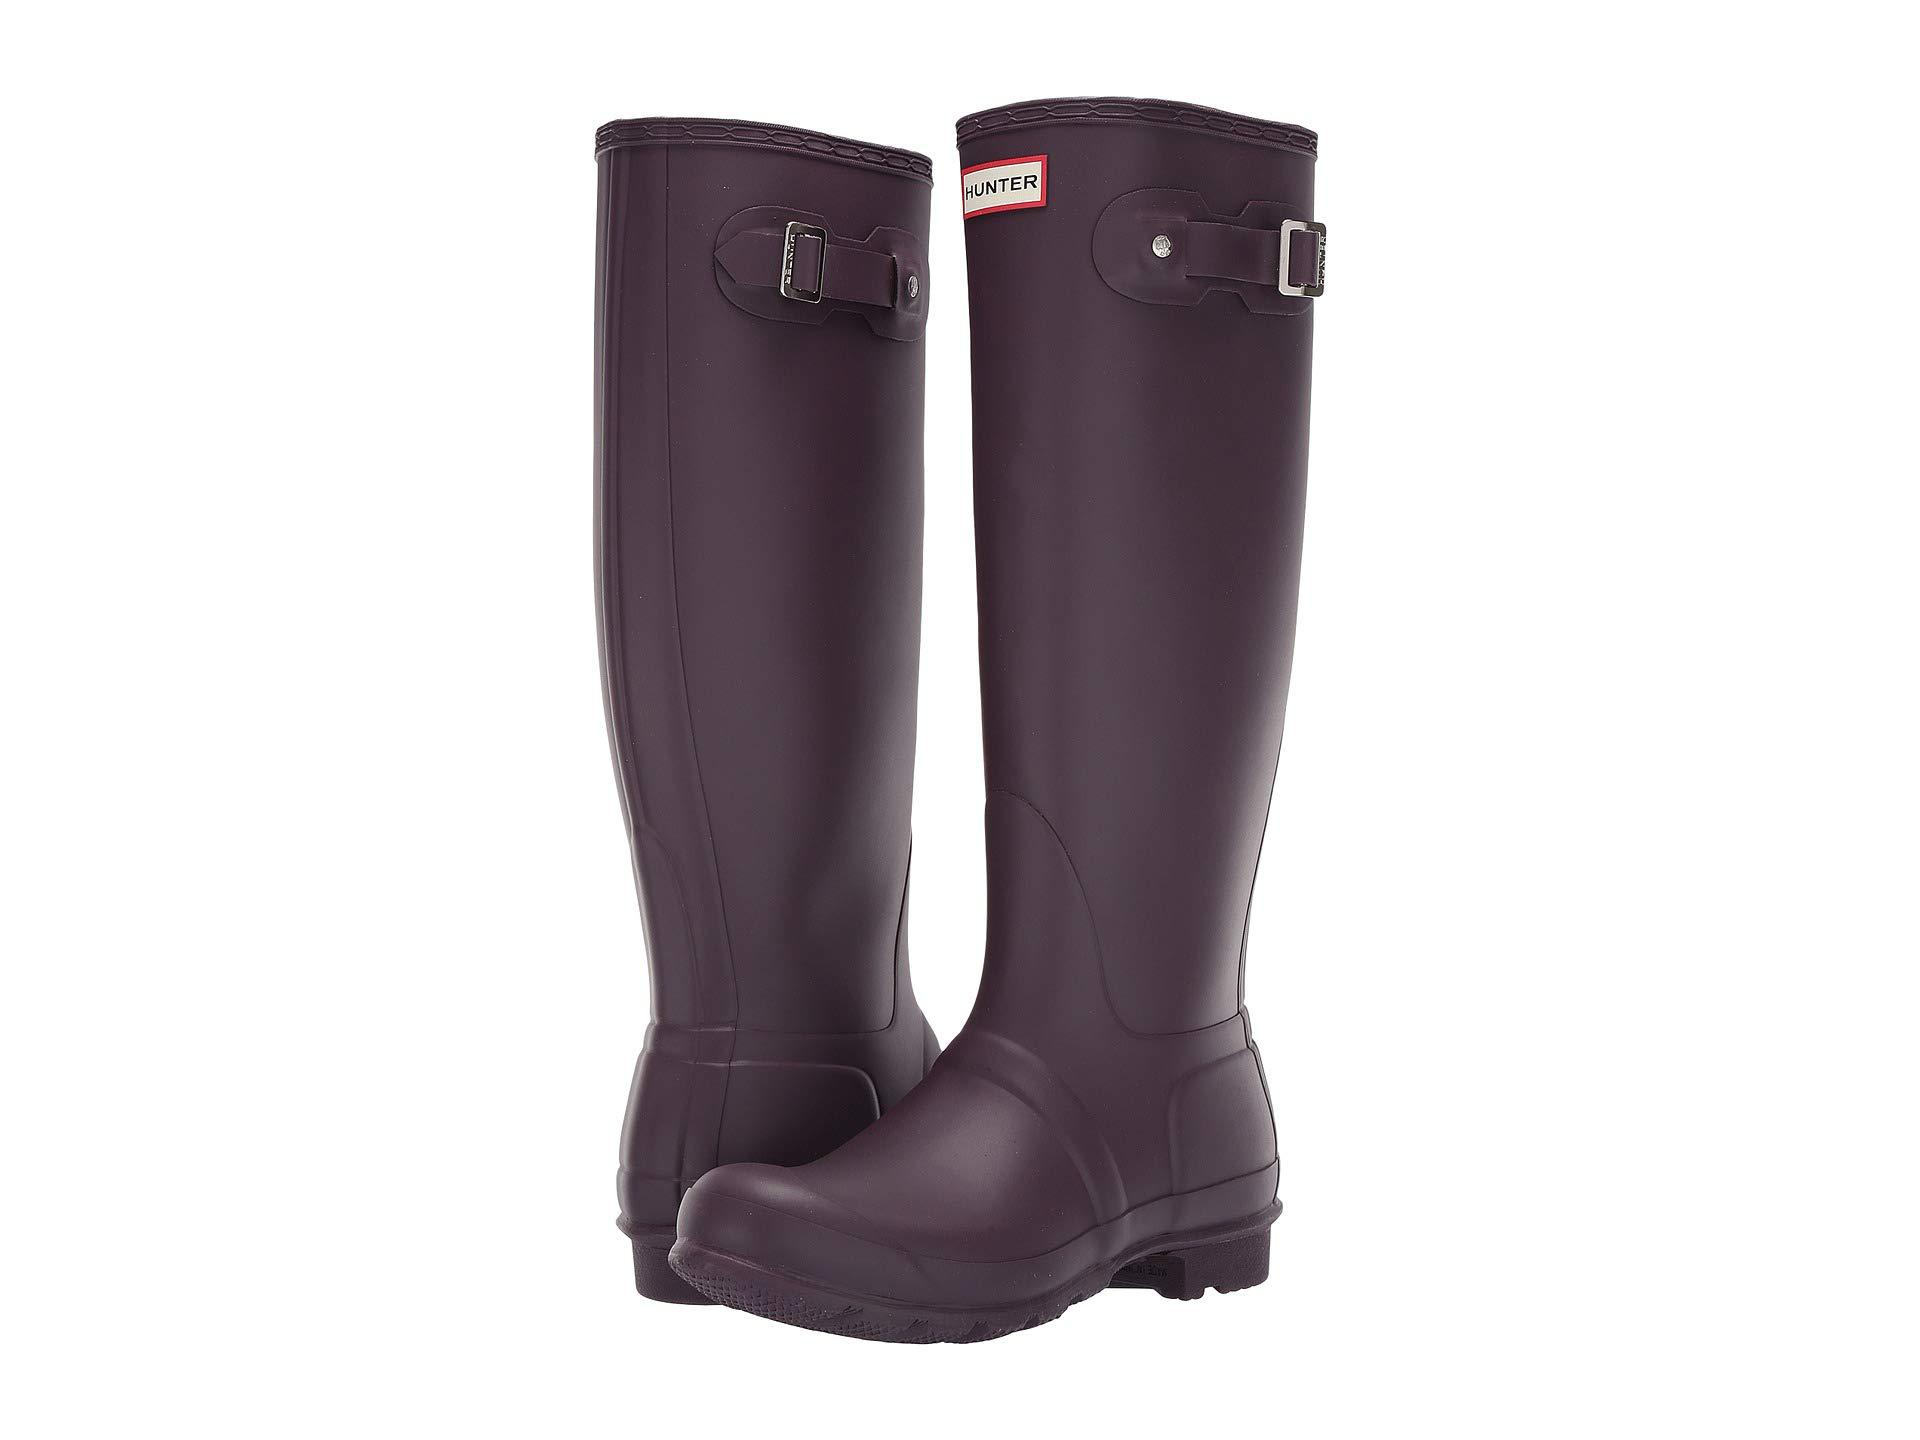 ff164f3b29f7 HUNTER Original Tall Rain Boots (black Grape) Women's Rain Boots in ...